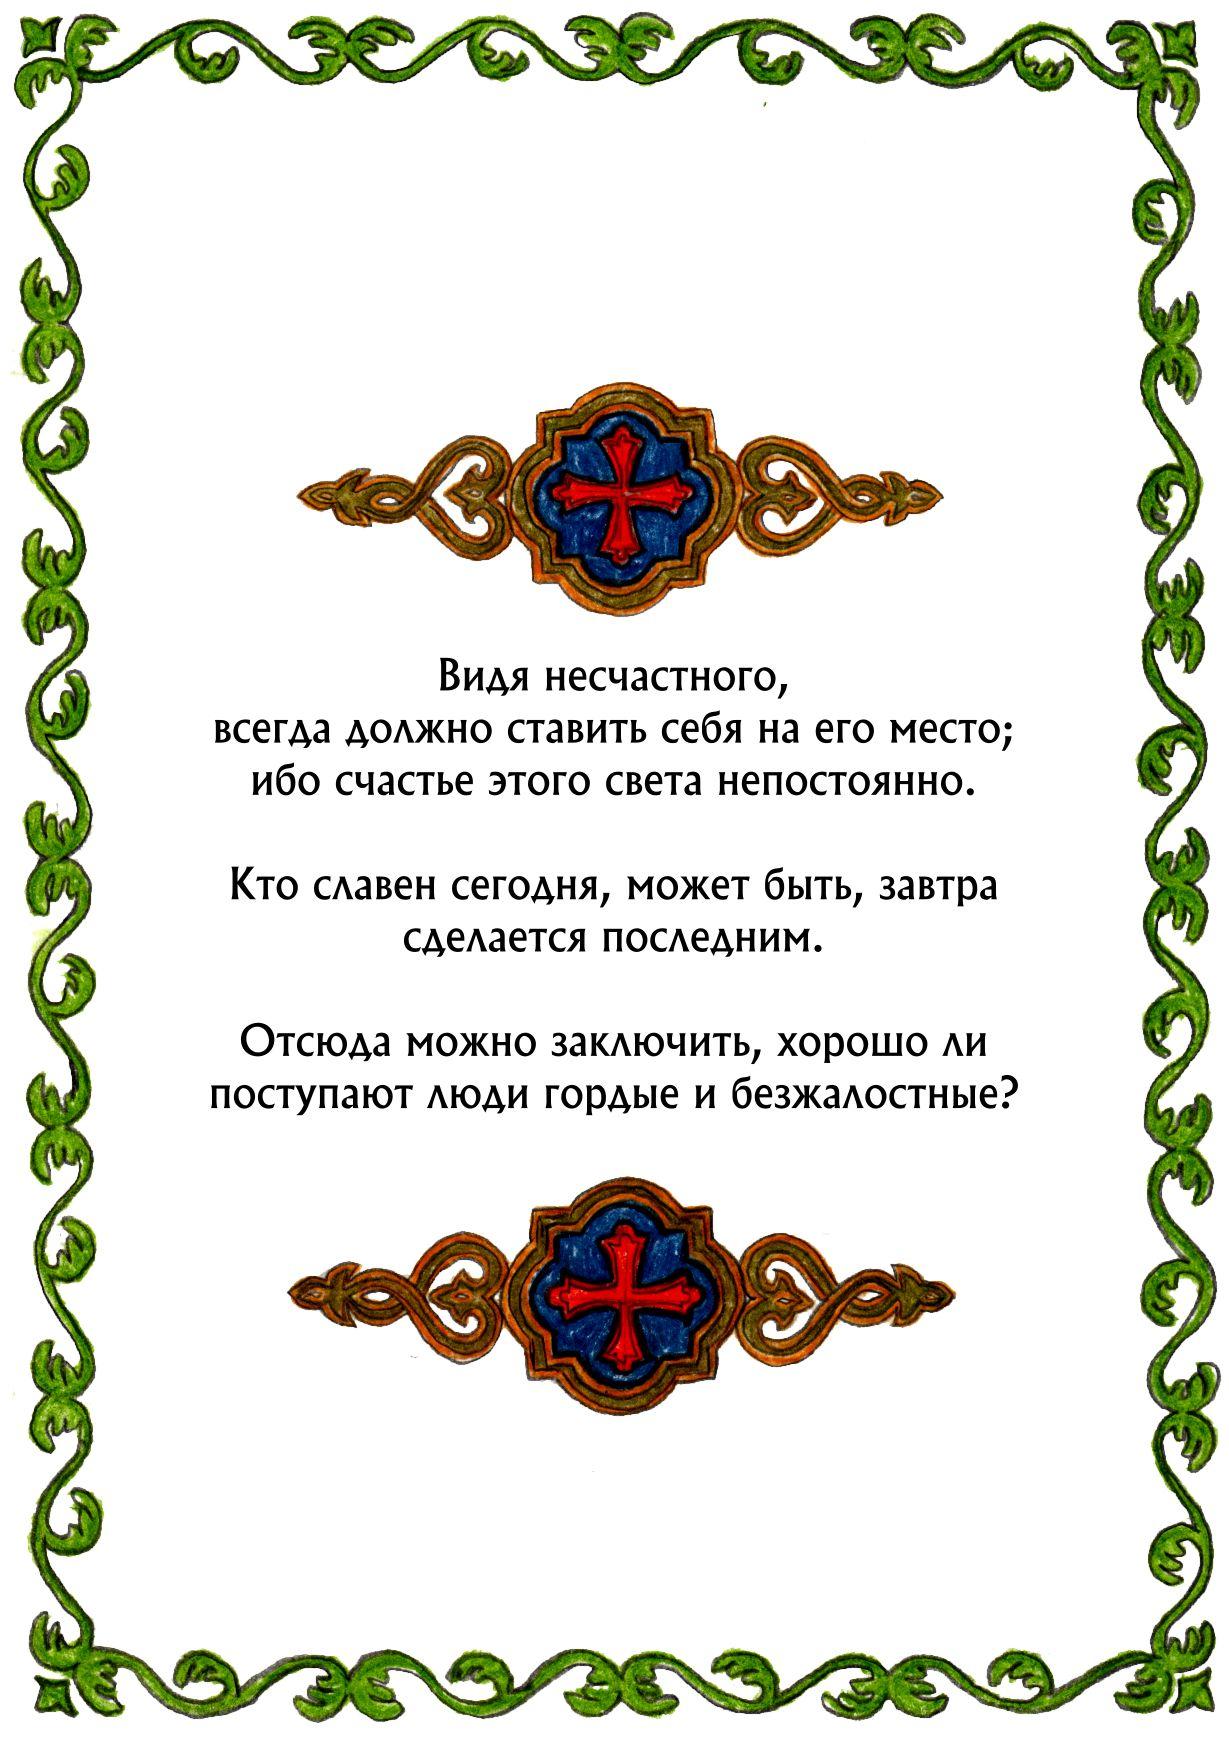 nvv 6 - Незлобие Василия Великого